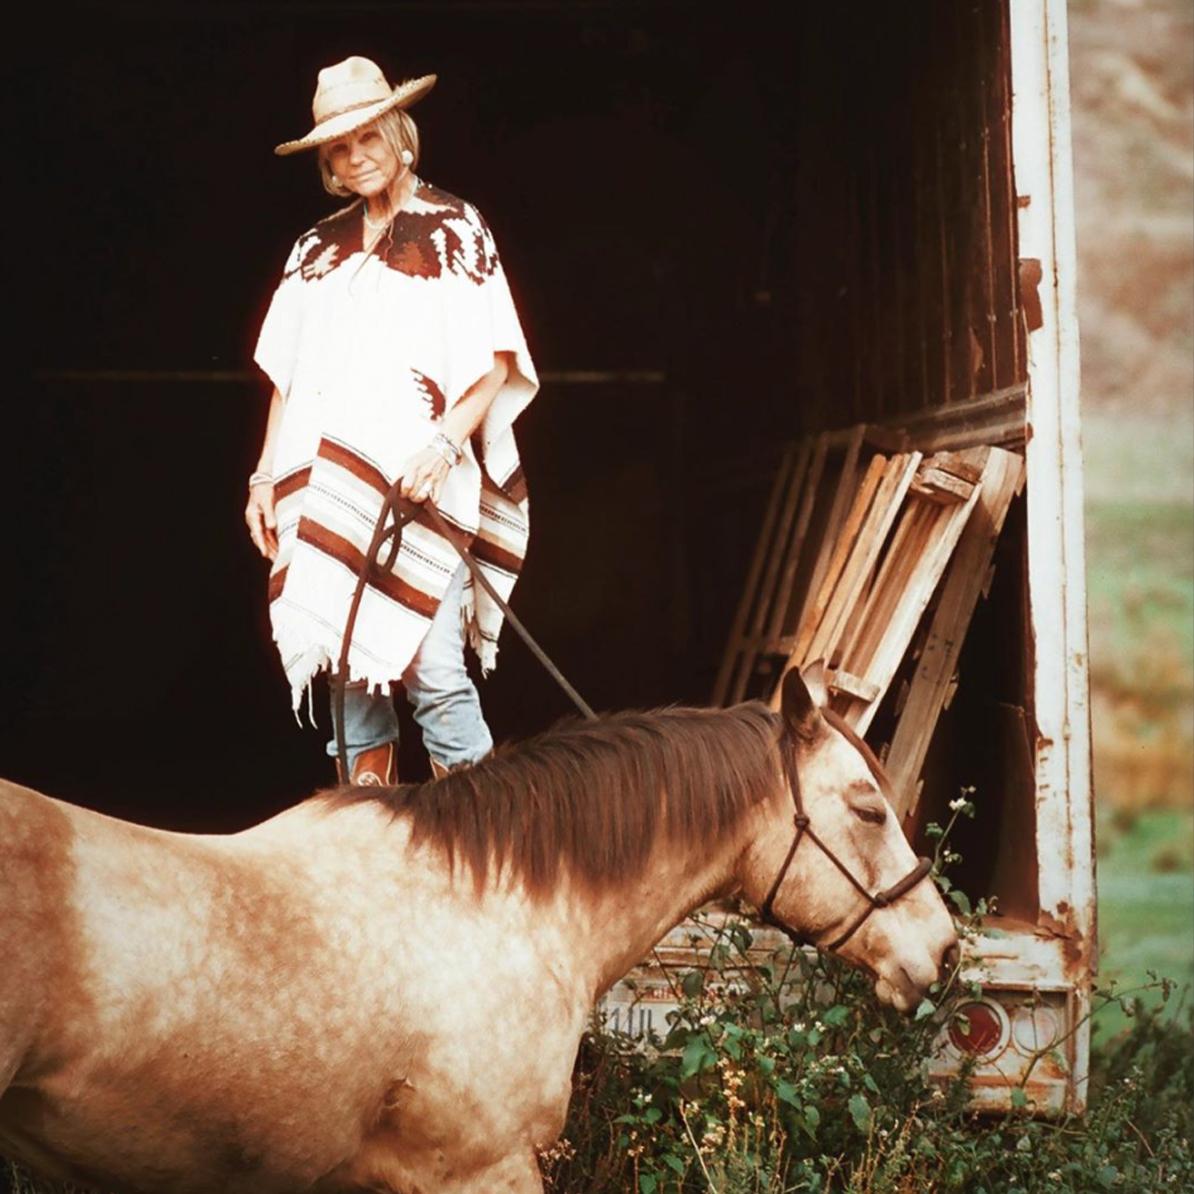 Santa Ynez Valley Equine Photographer